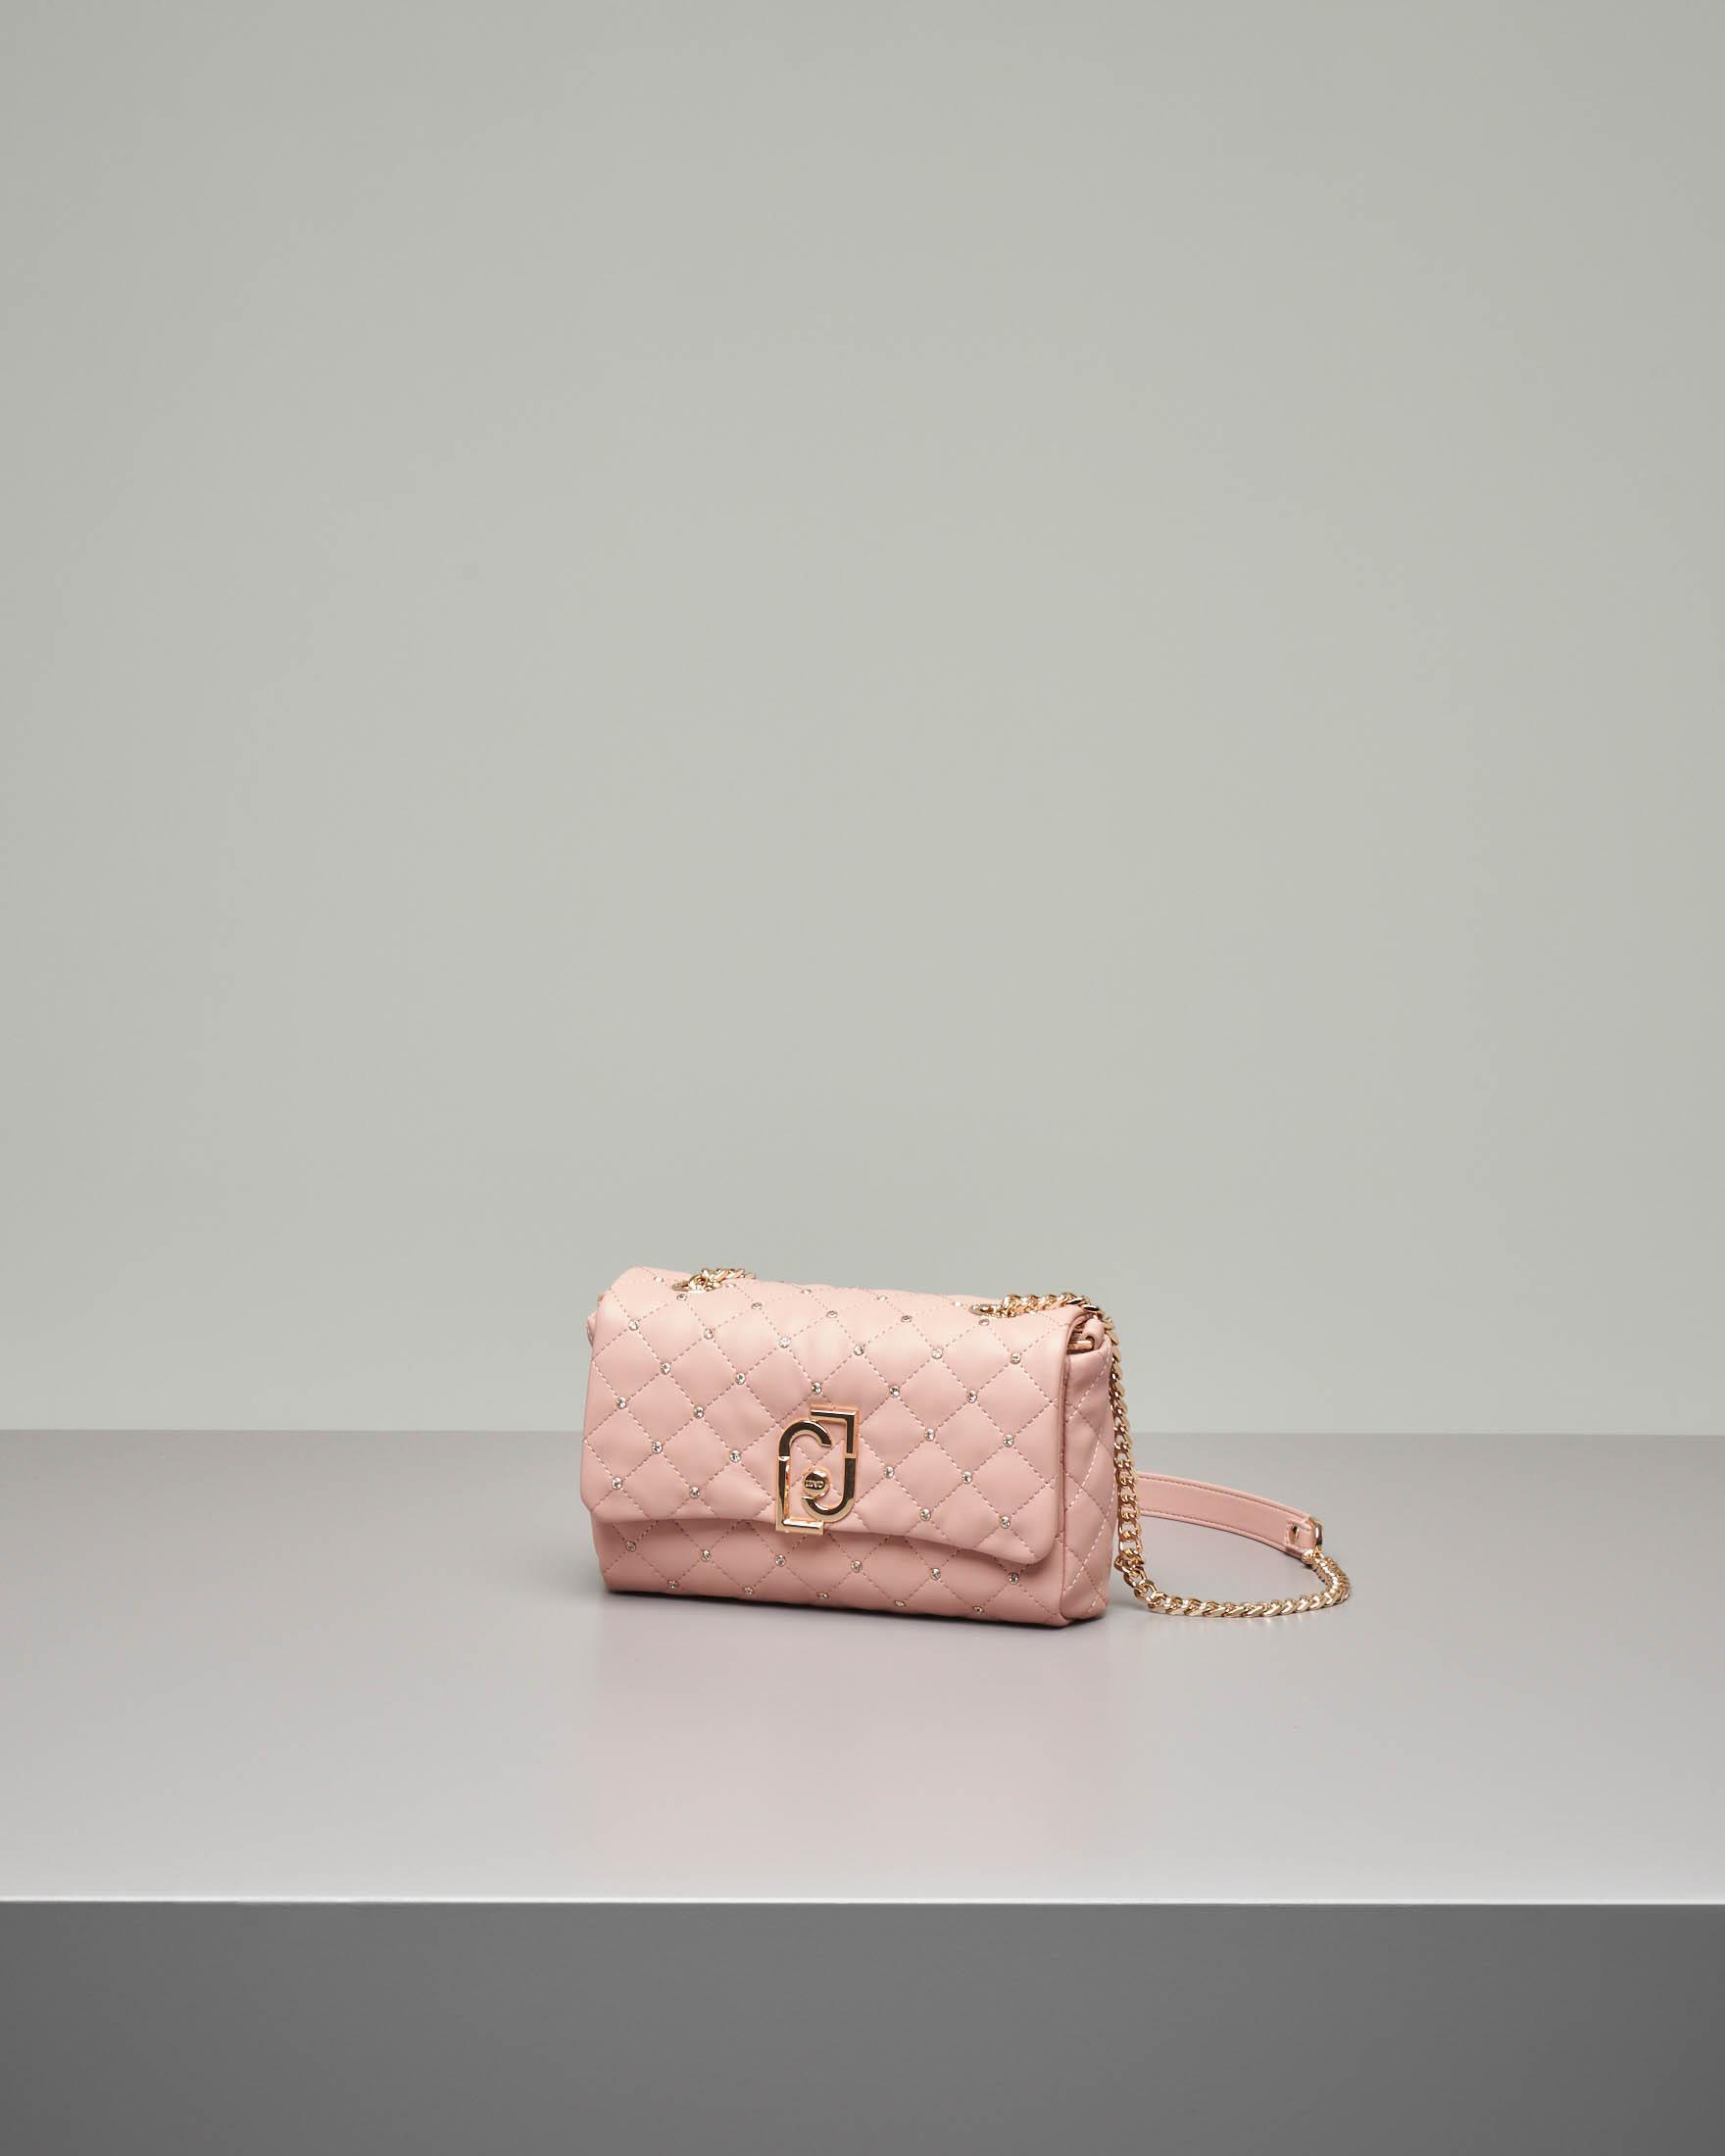 Borsa rosa cipria misura piccola in ecopelle effetto nappa matelassè con strass applicati e tracolla a catena | Pellizzari E commerce